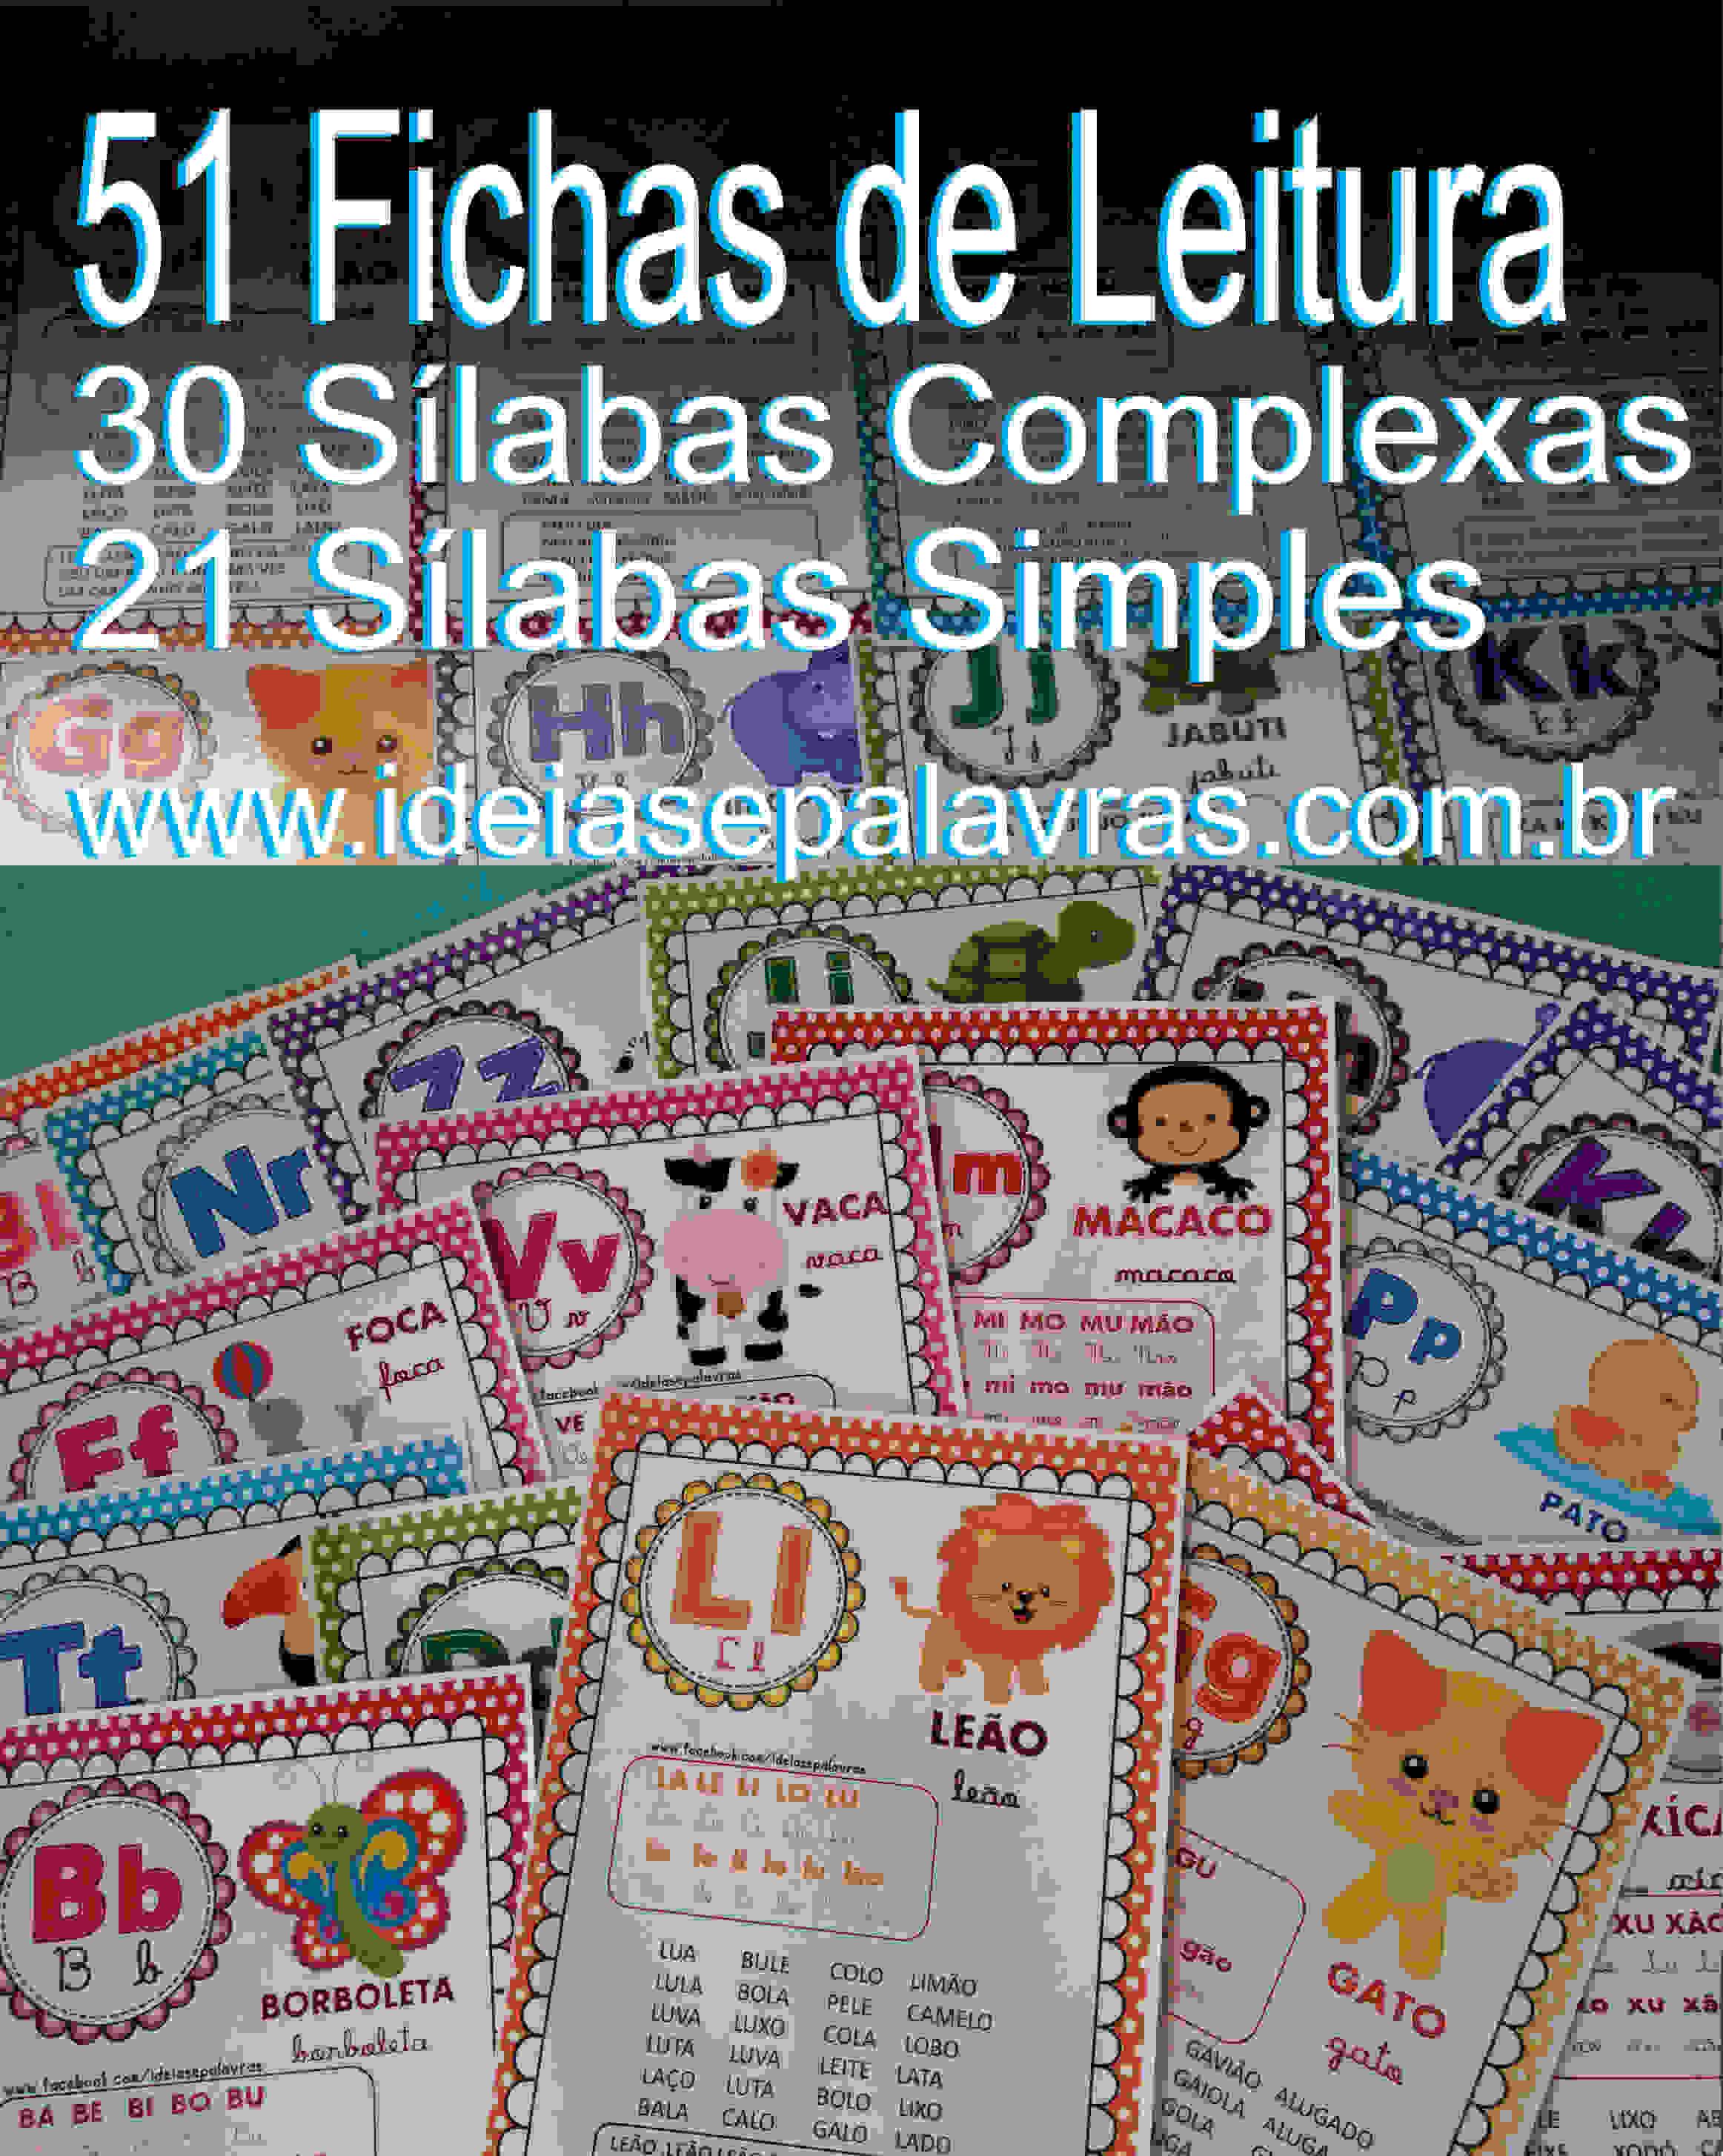 fichas de leitura simples e complexas - ideiasepalavras.com.br - atividade de alfabetização